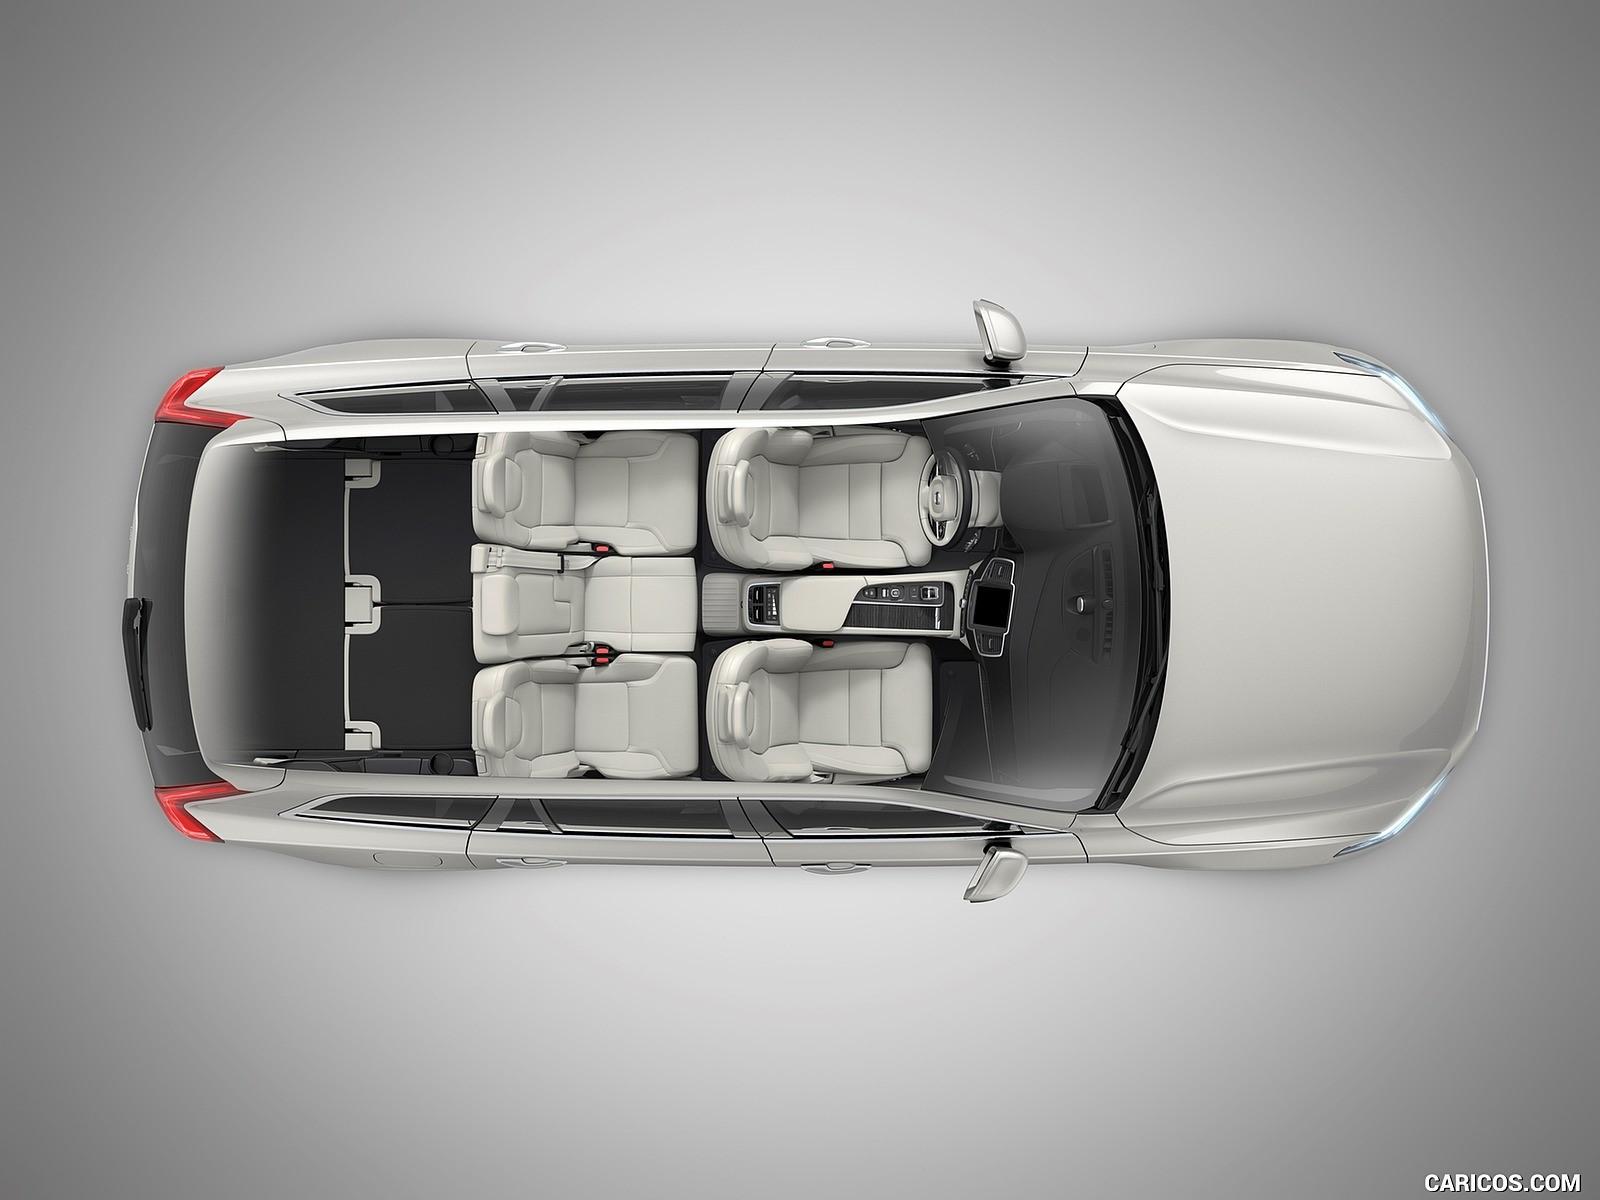 2020 Volvo android duvarkağıdı